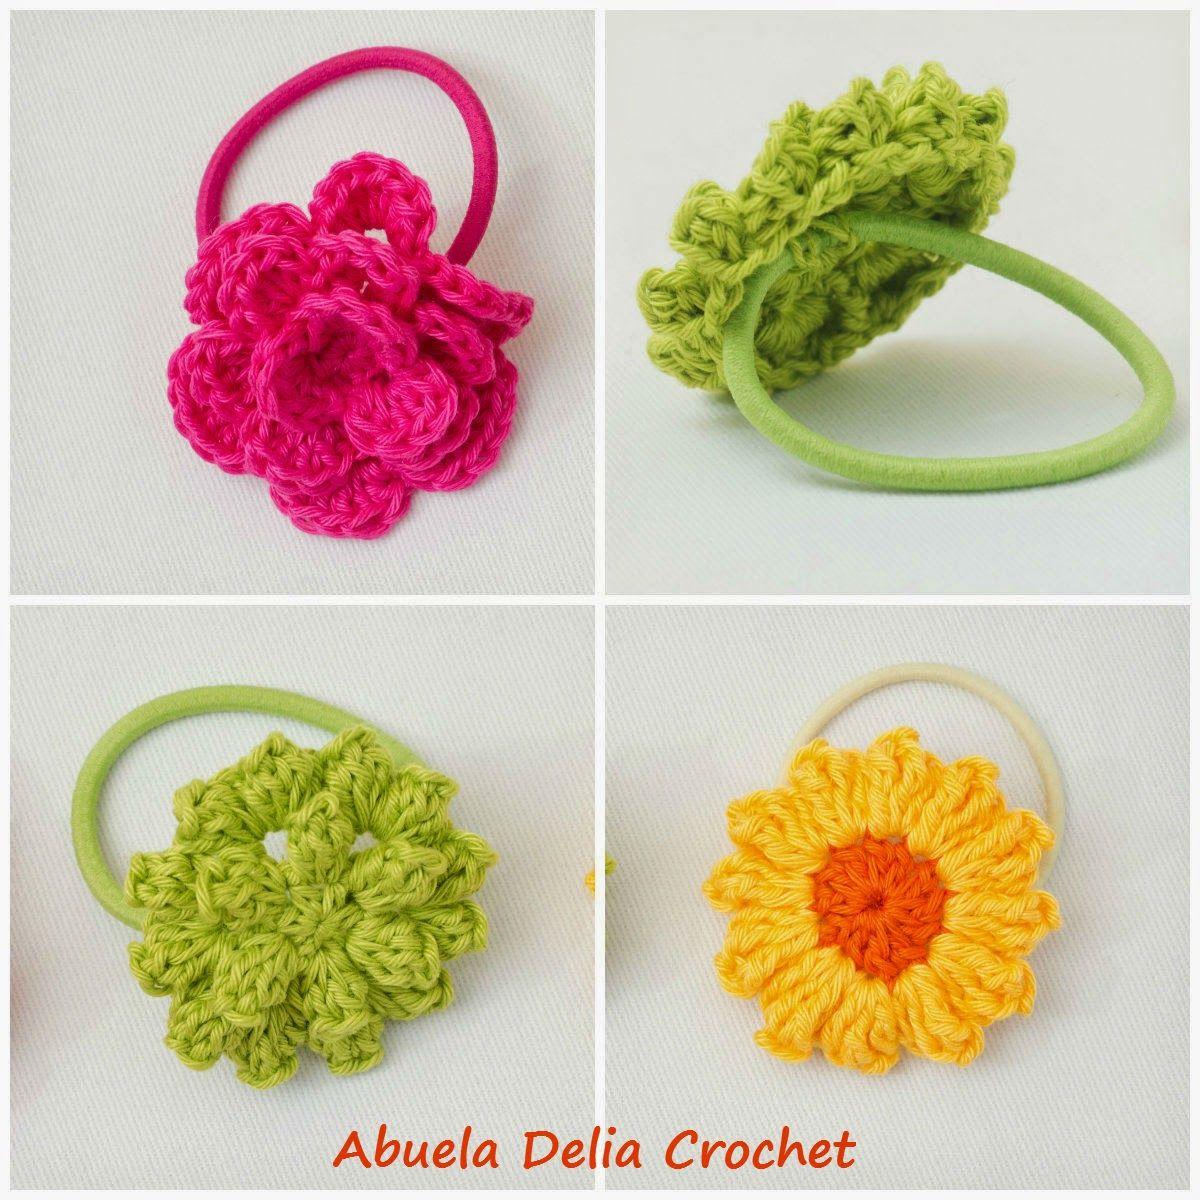 Abuela Delia Crochet: Gomitas para el cabello con Flores en Crochet ...